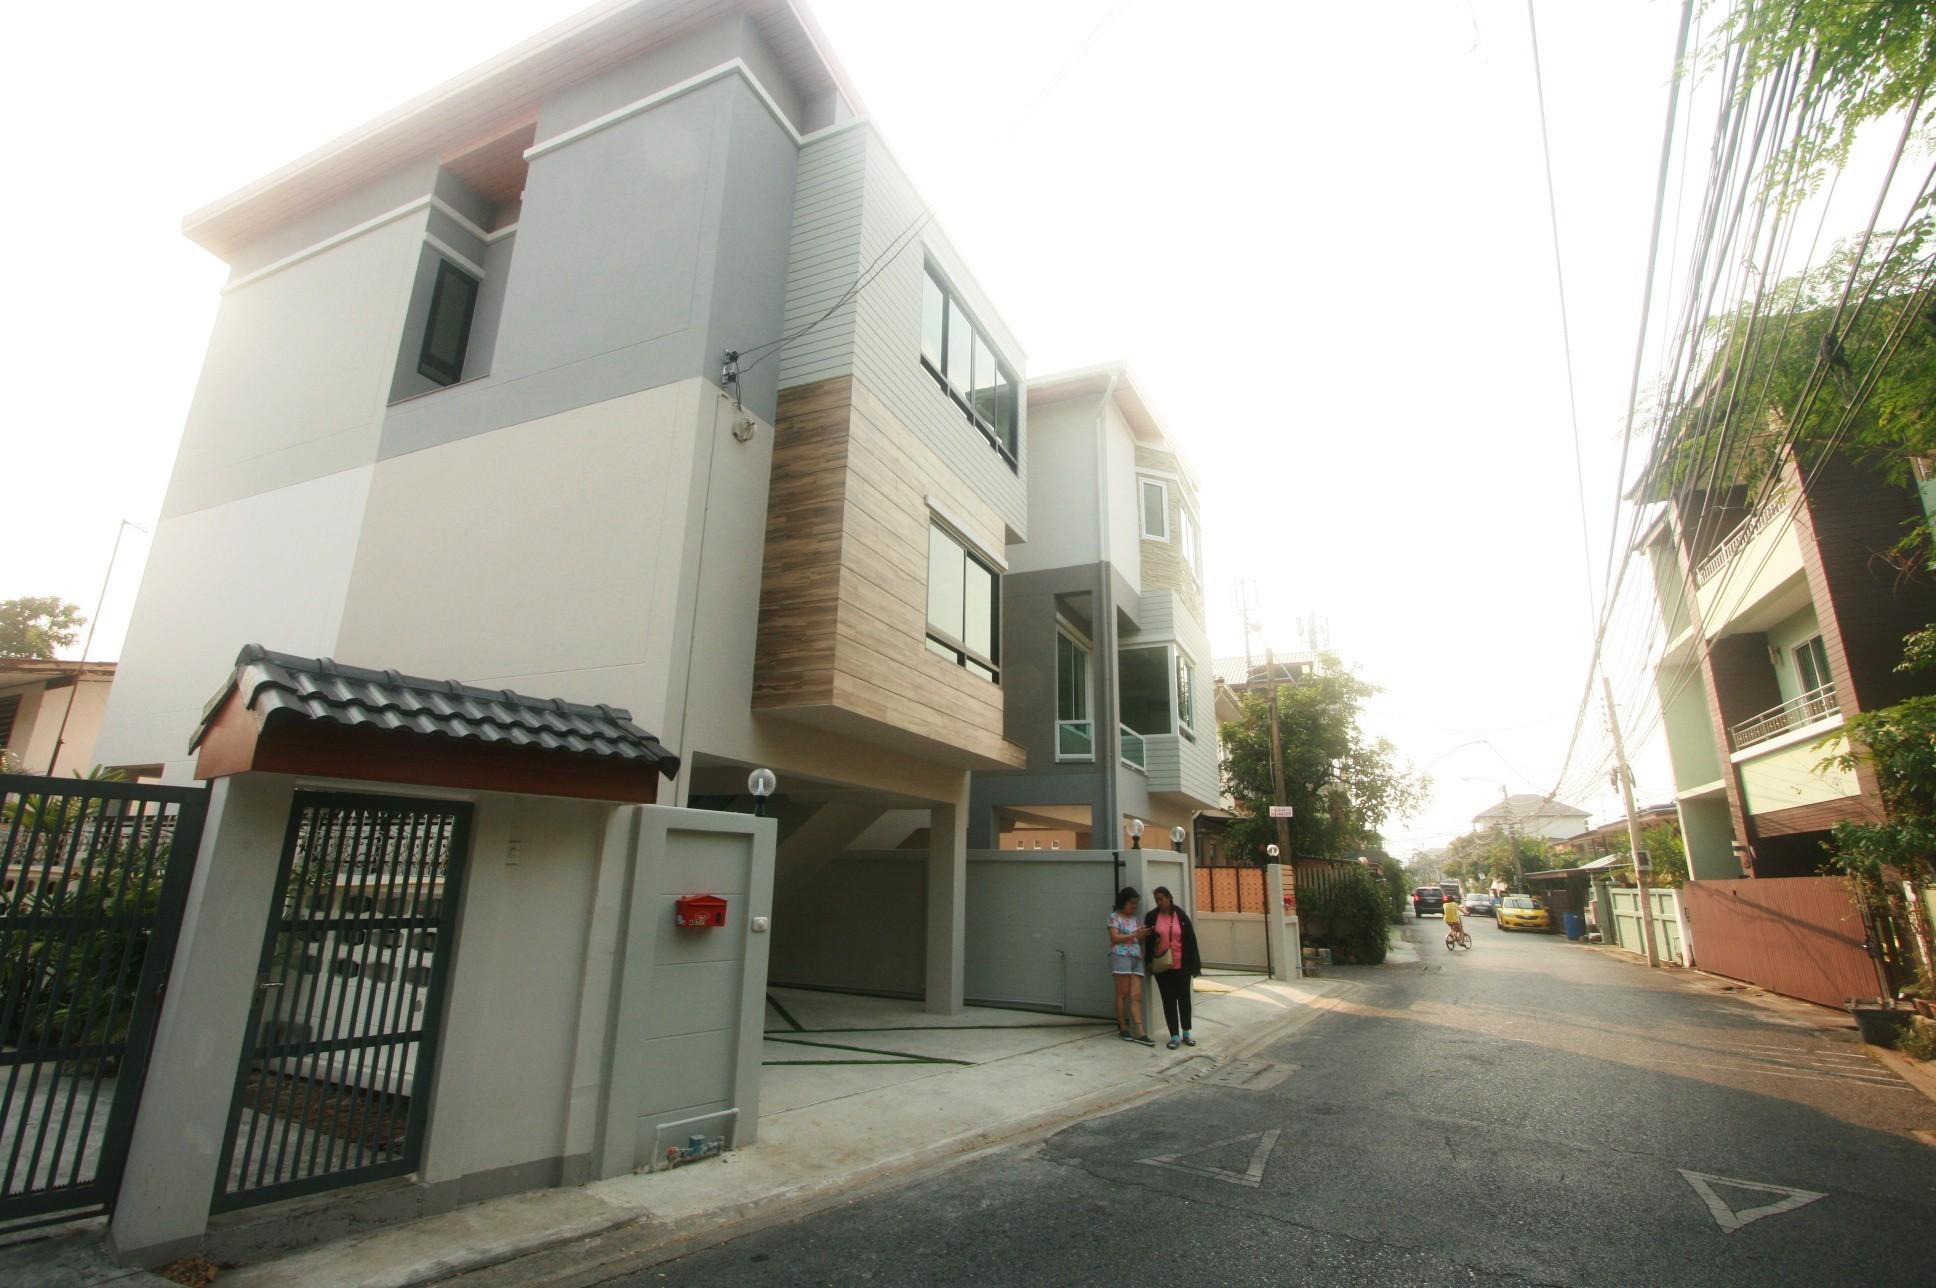 ถนนหน้าบ้านกว้าง ล้อมรอบด้วยบ้านเดี่ยว